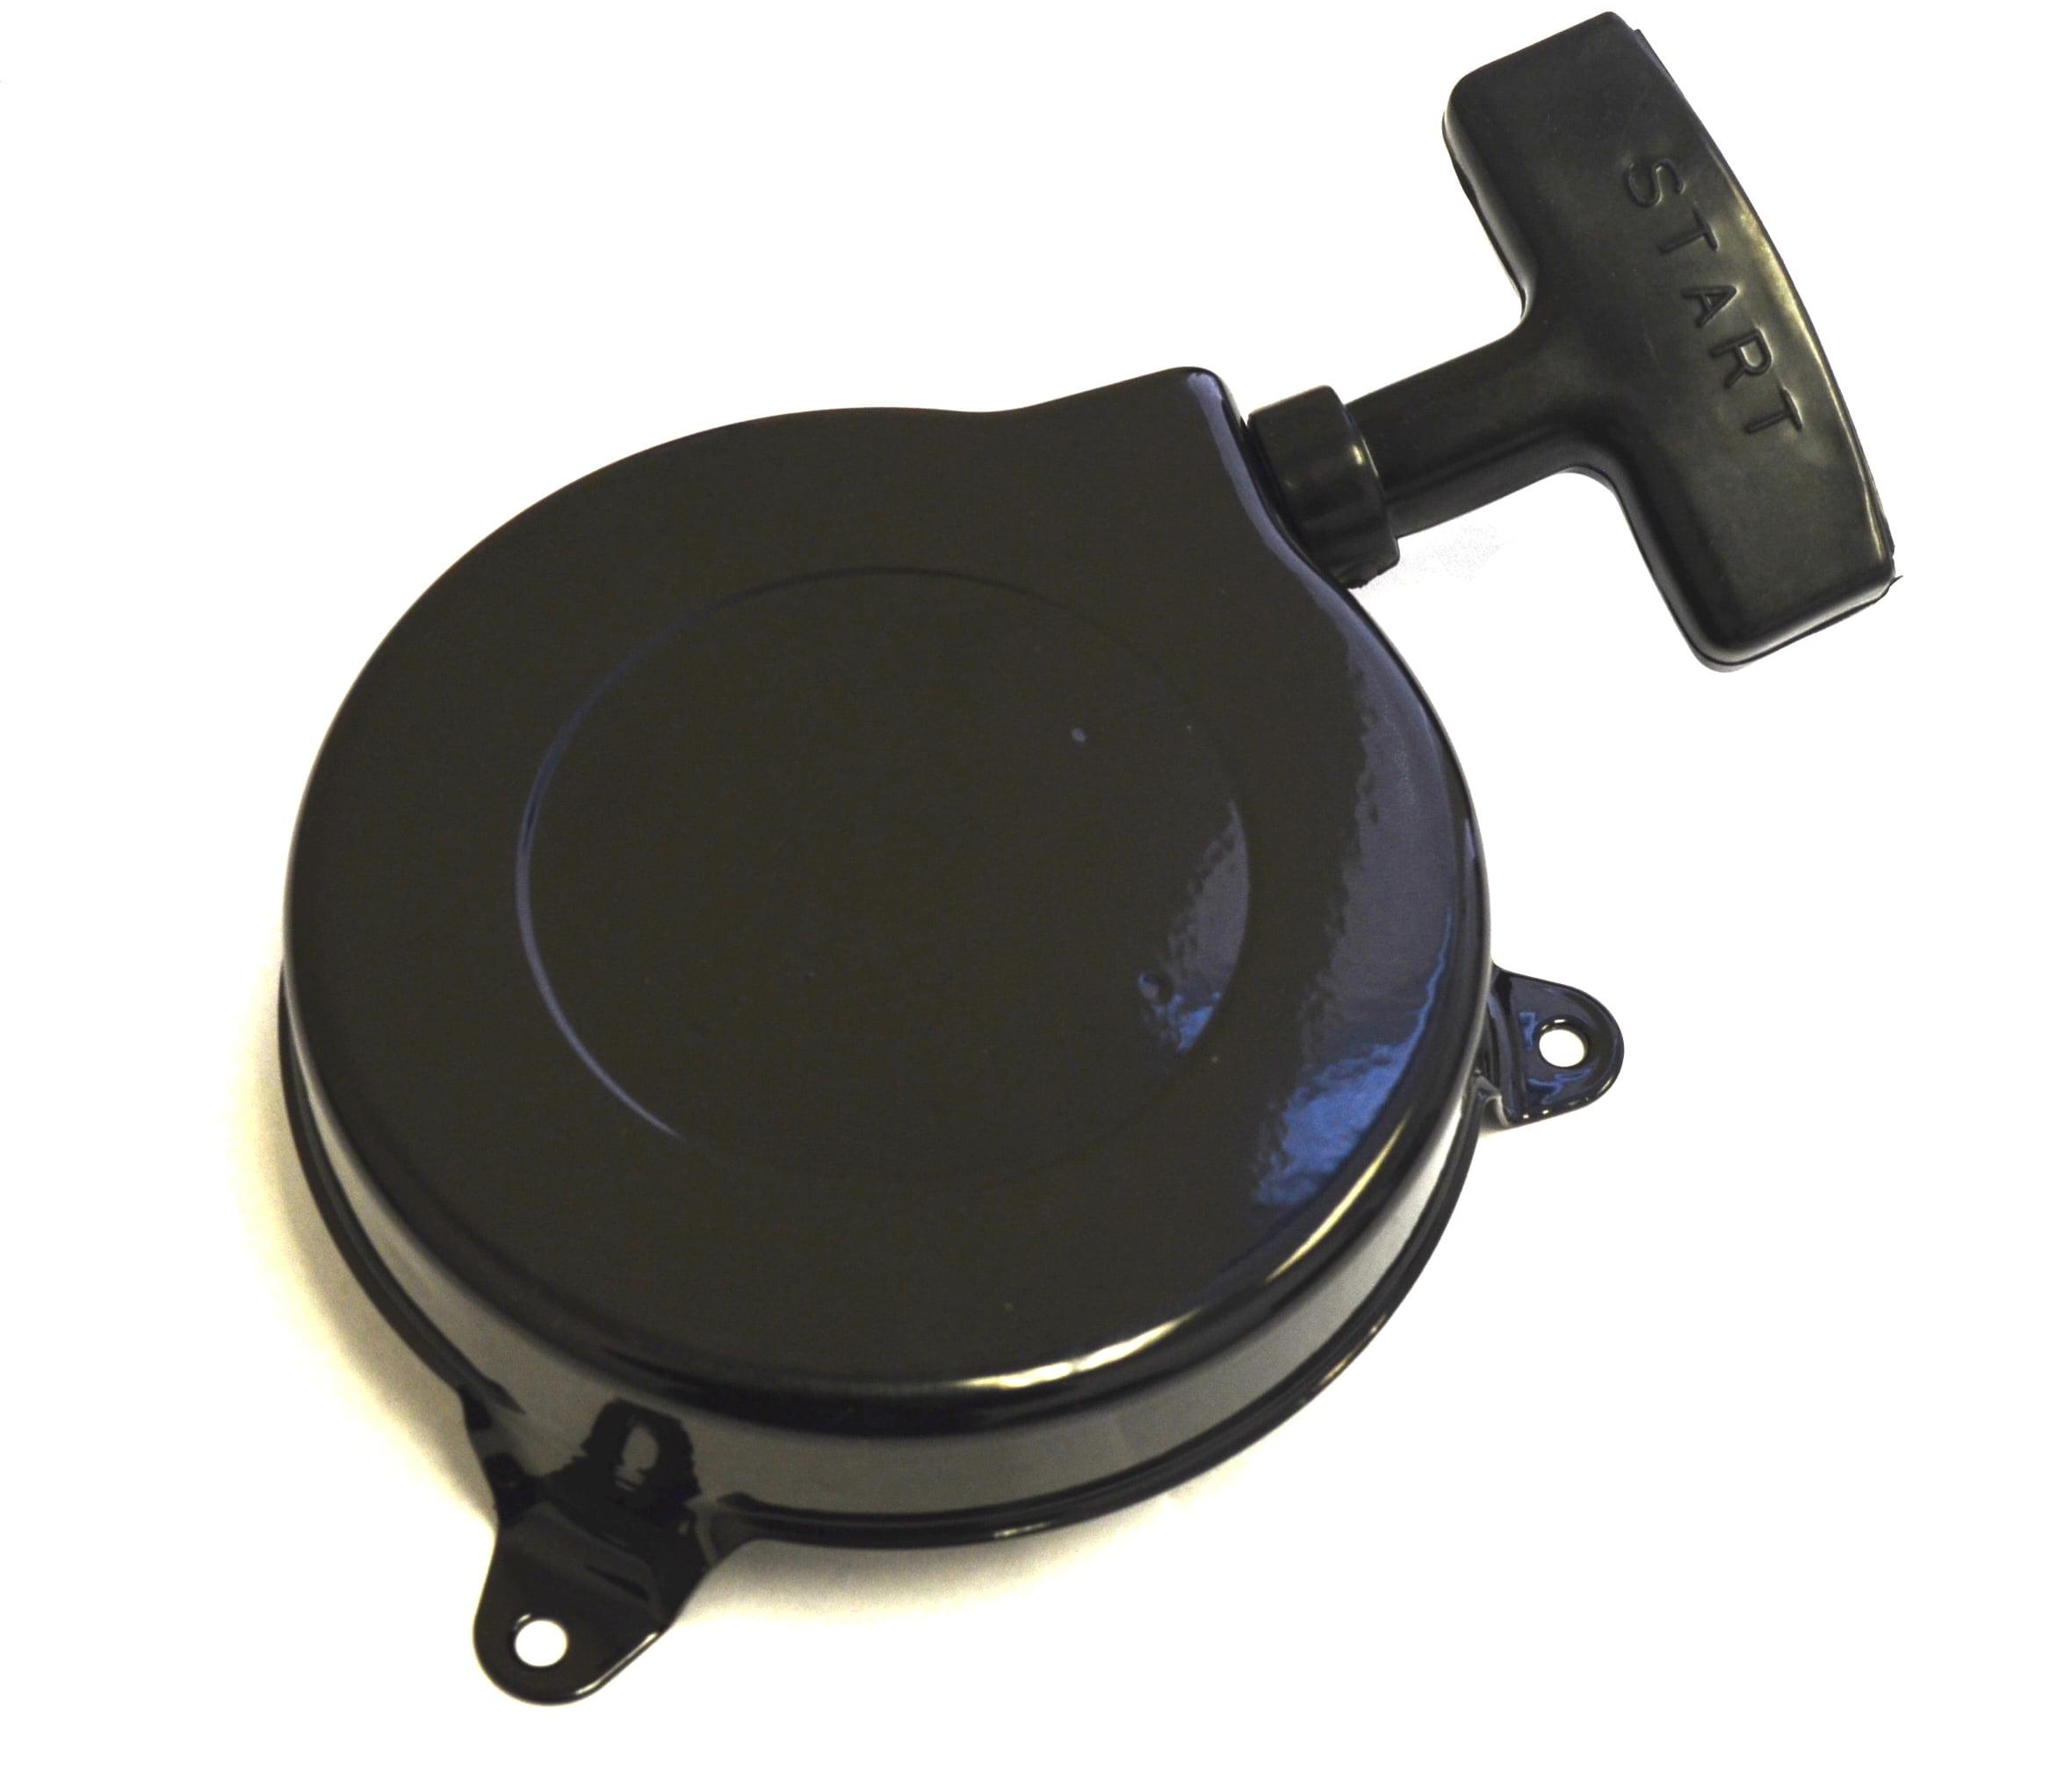 Briggs /& Stratton OEM 690101 replacement starter-rewind